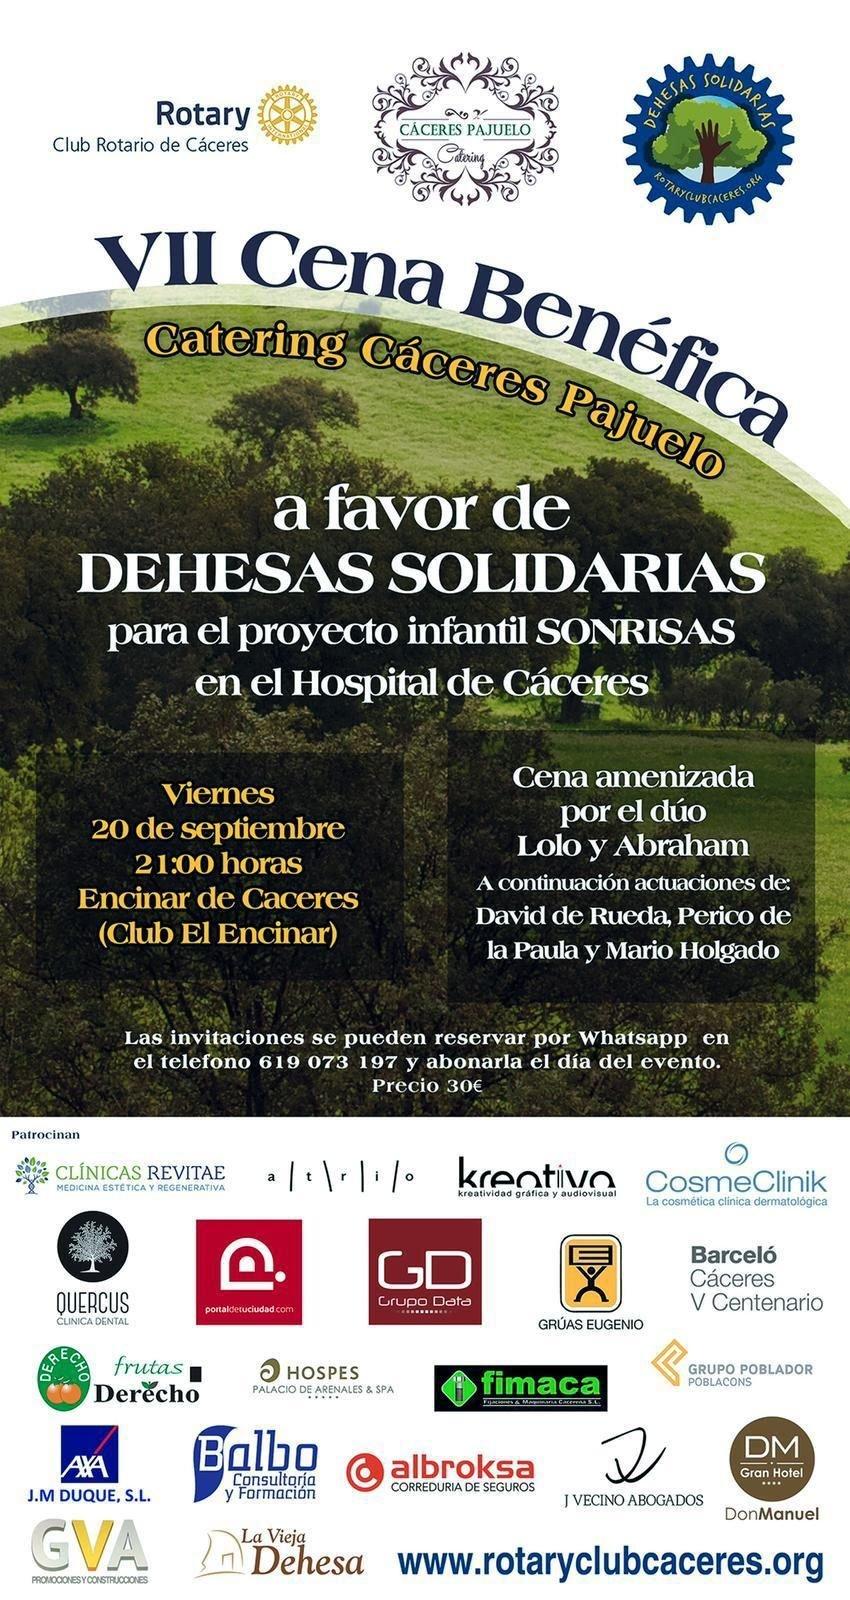 VII Cena Benéfica a favor de Dehesas Solidarias